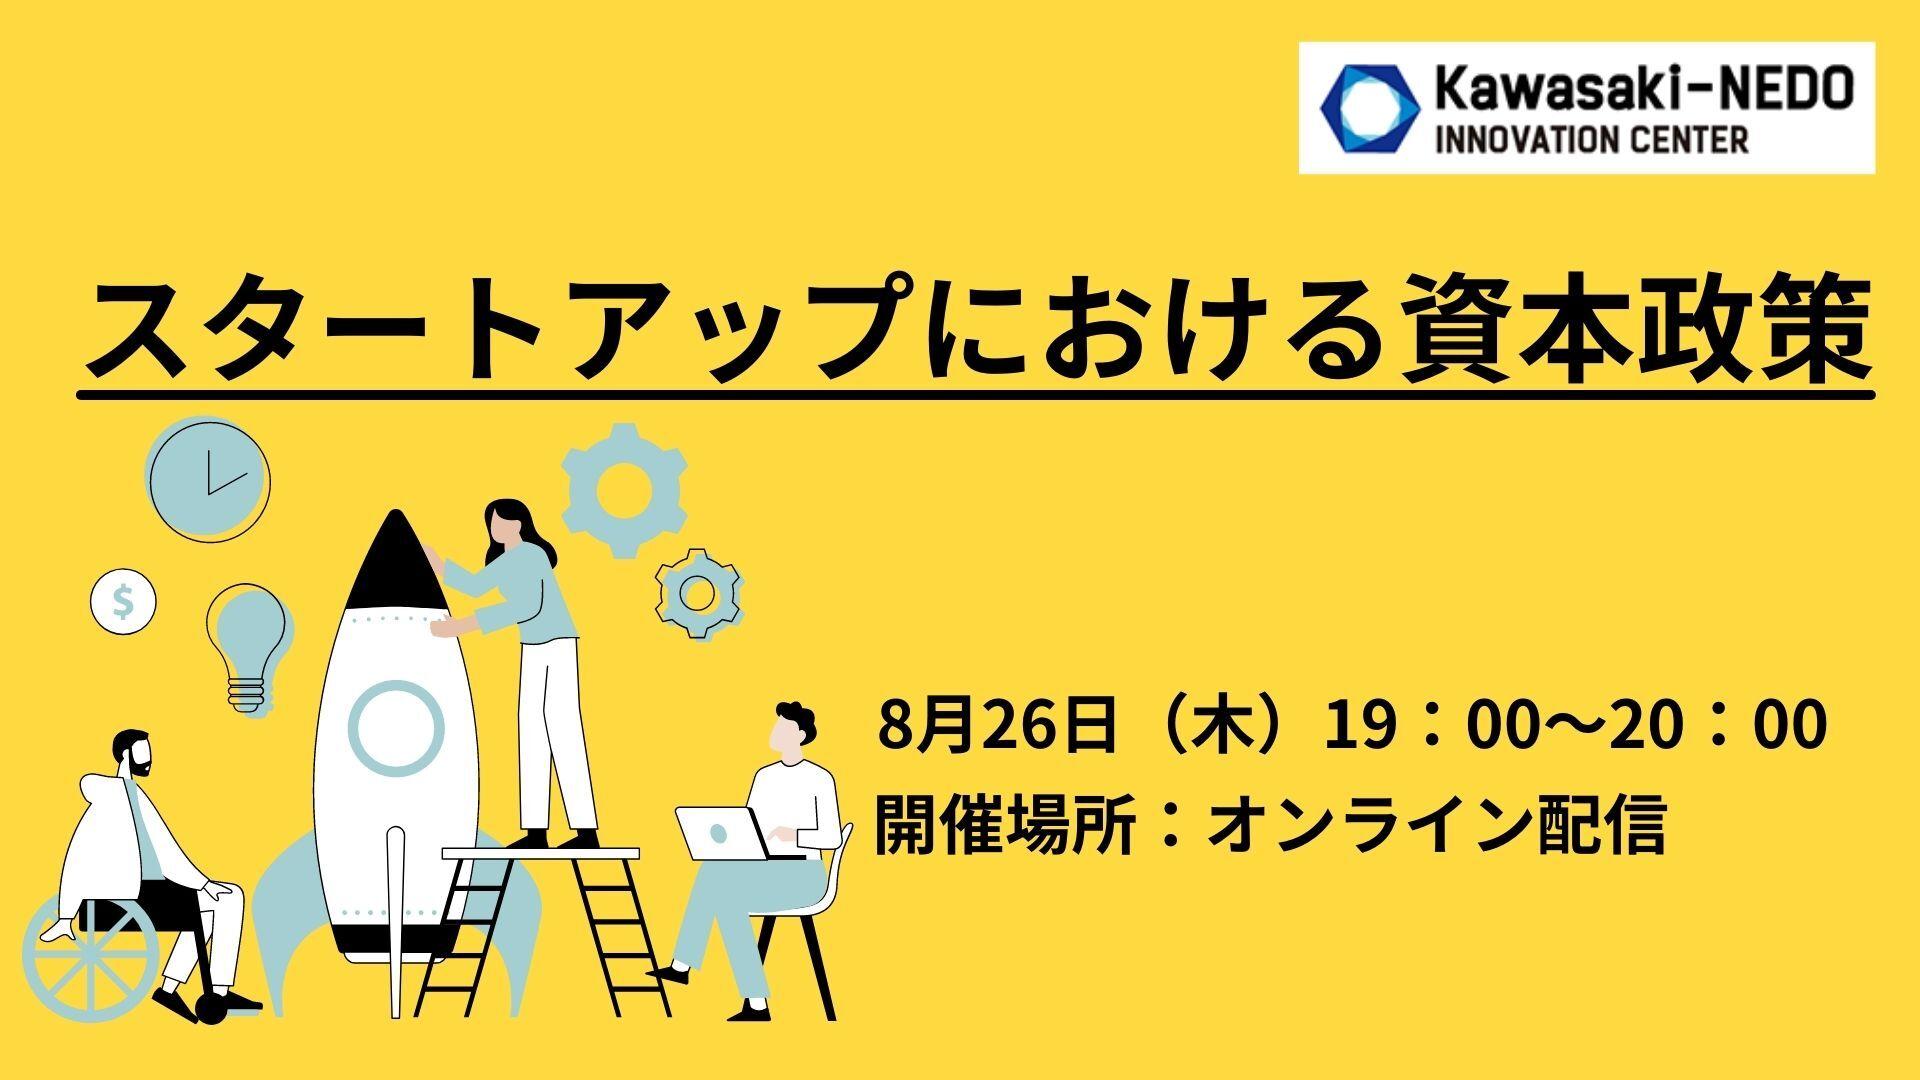 【8/26開催】 スタートアップにおける資本政策